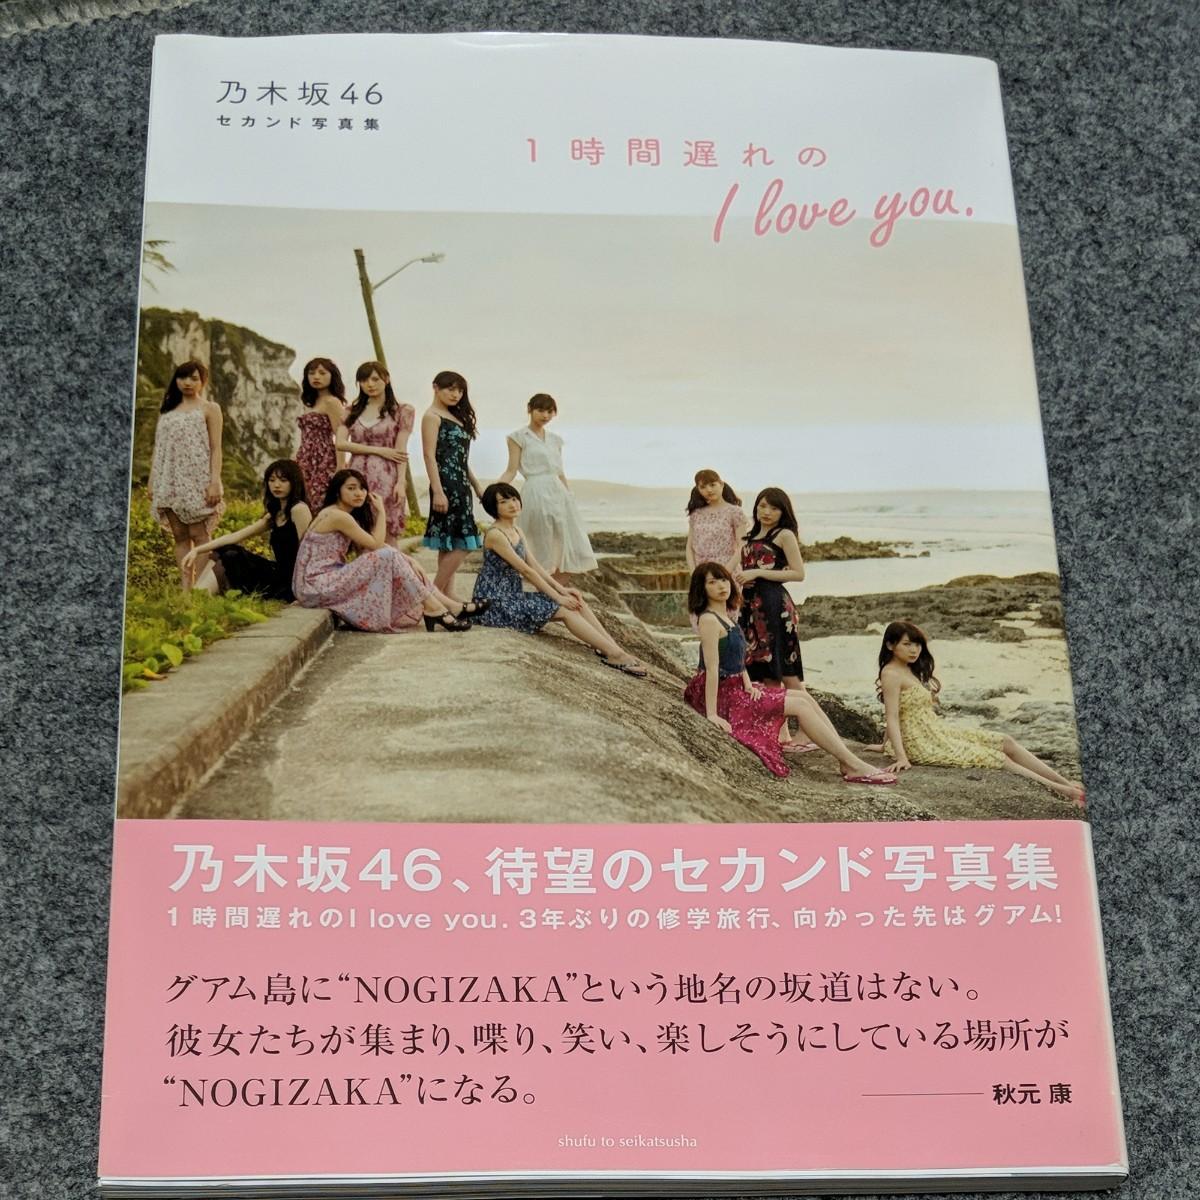 乃木坂46  2nd 写真集 1時間遅れのI LOVE YOU